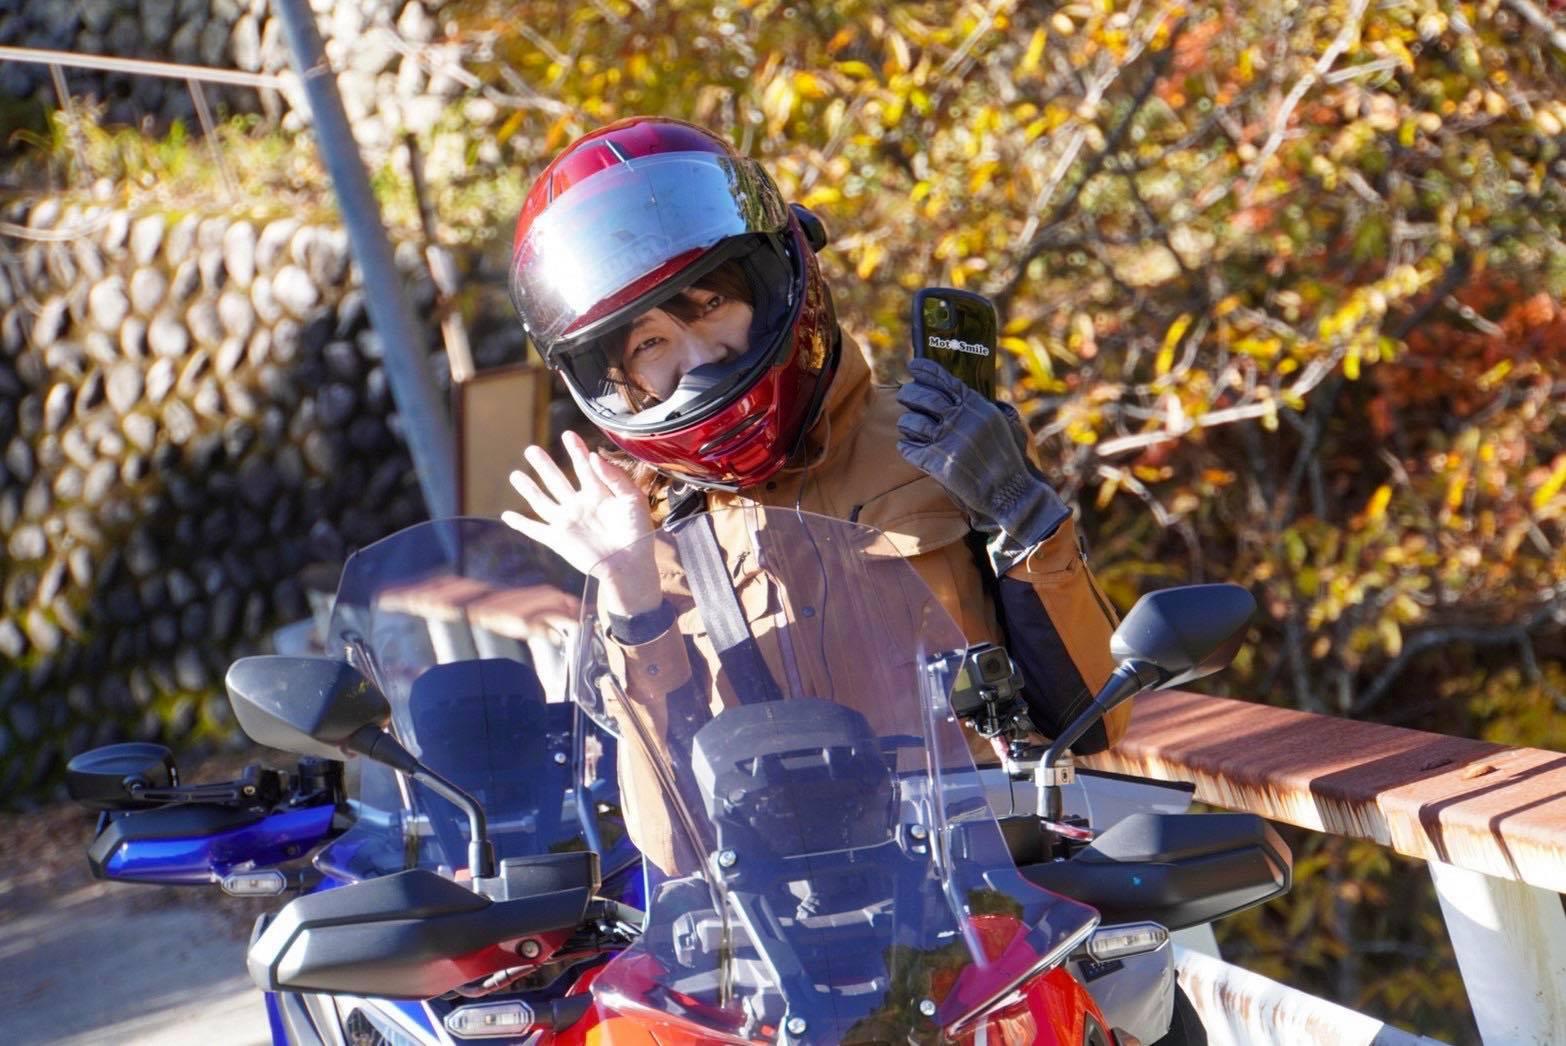 インスタバイク女性ライダーkanae「岐阜県の付知峡と中津川ツーリング」